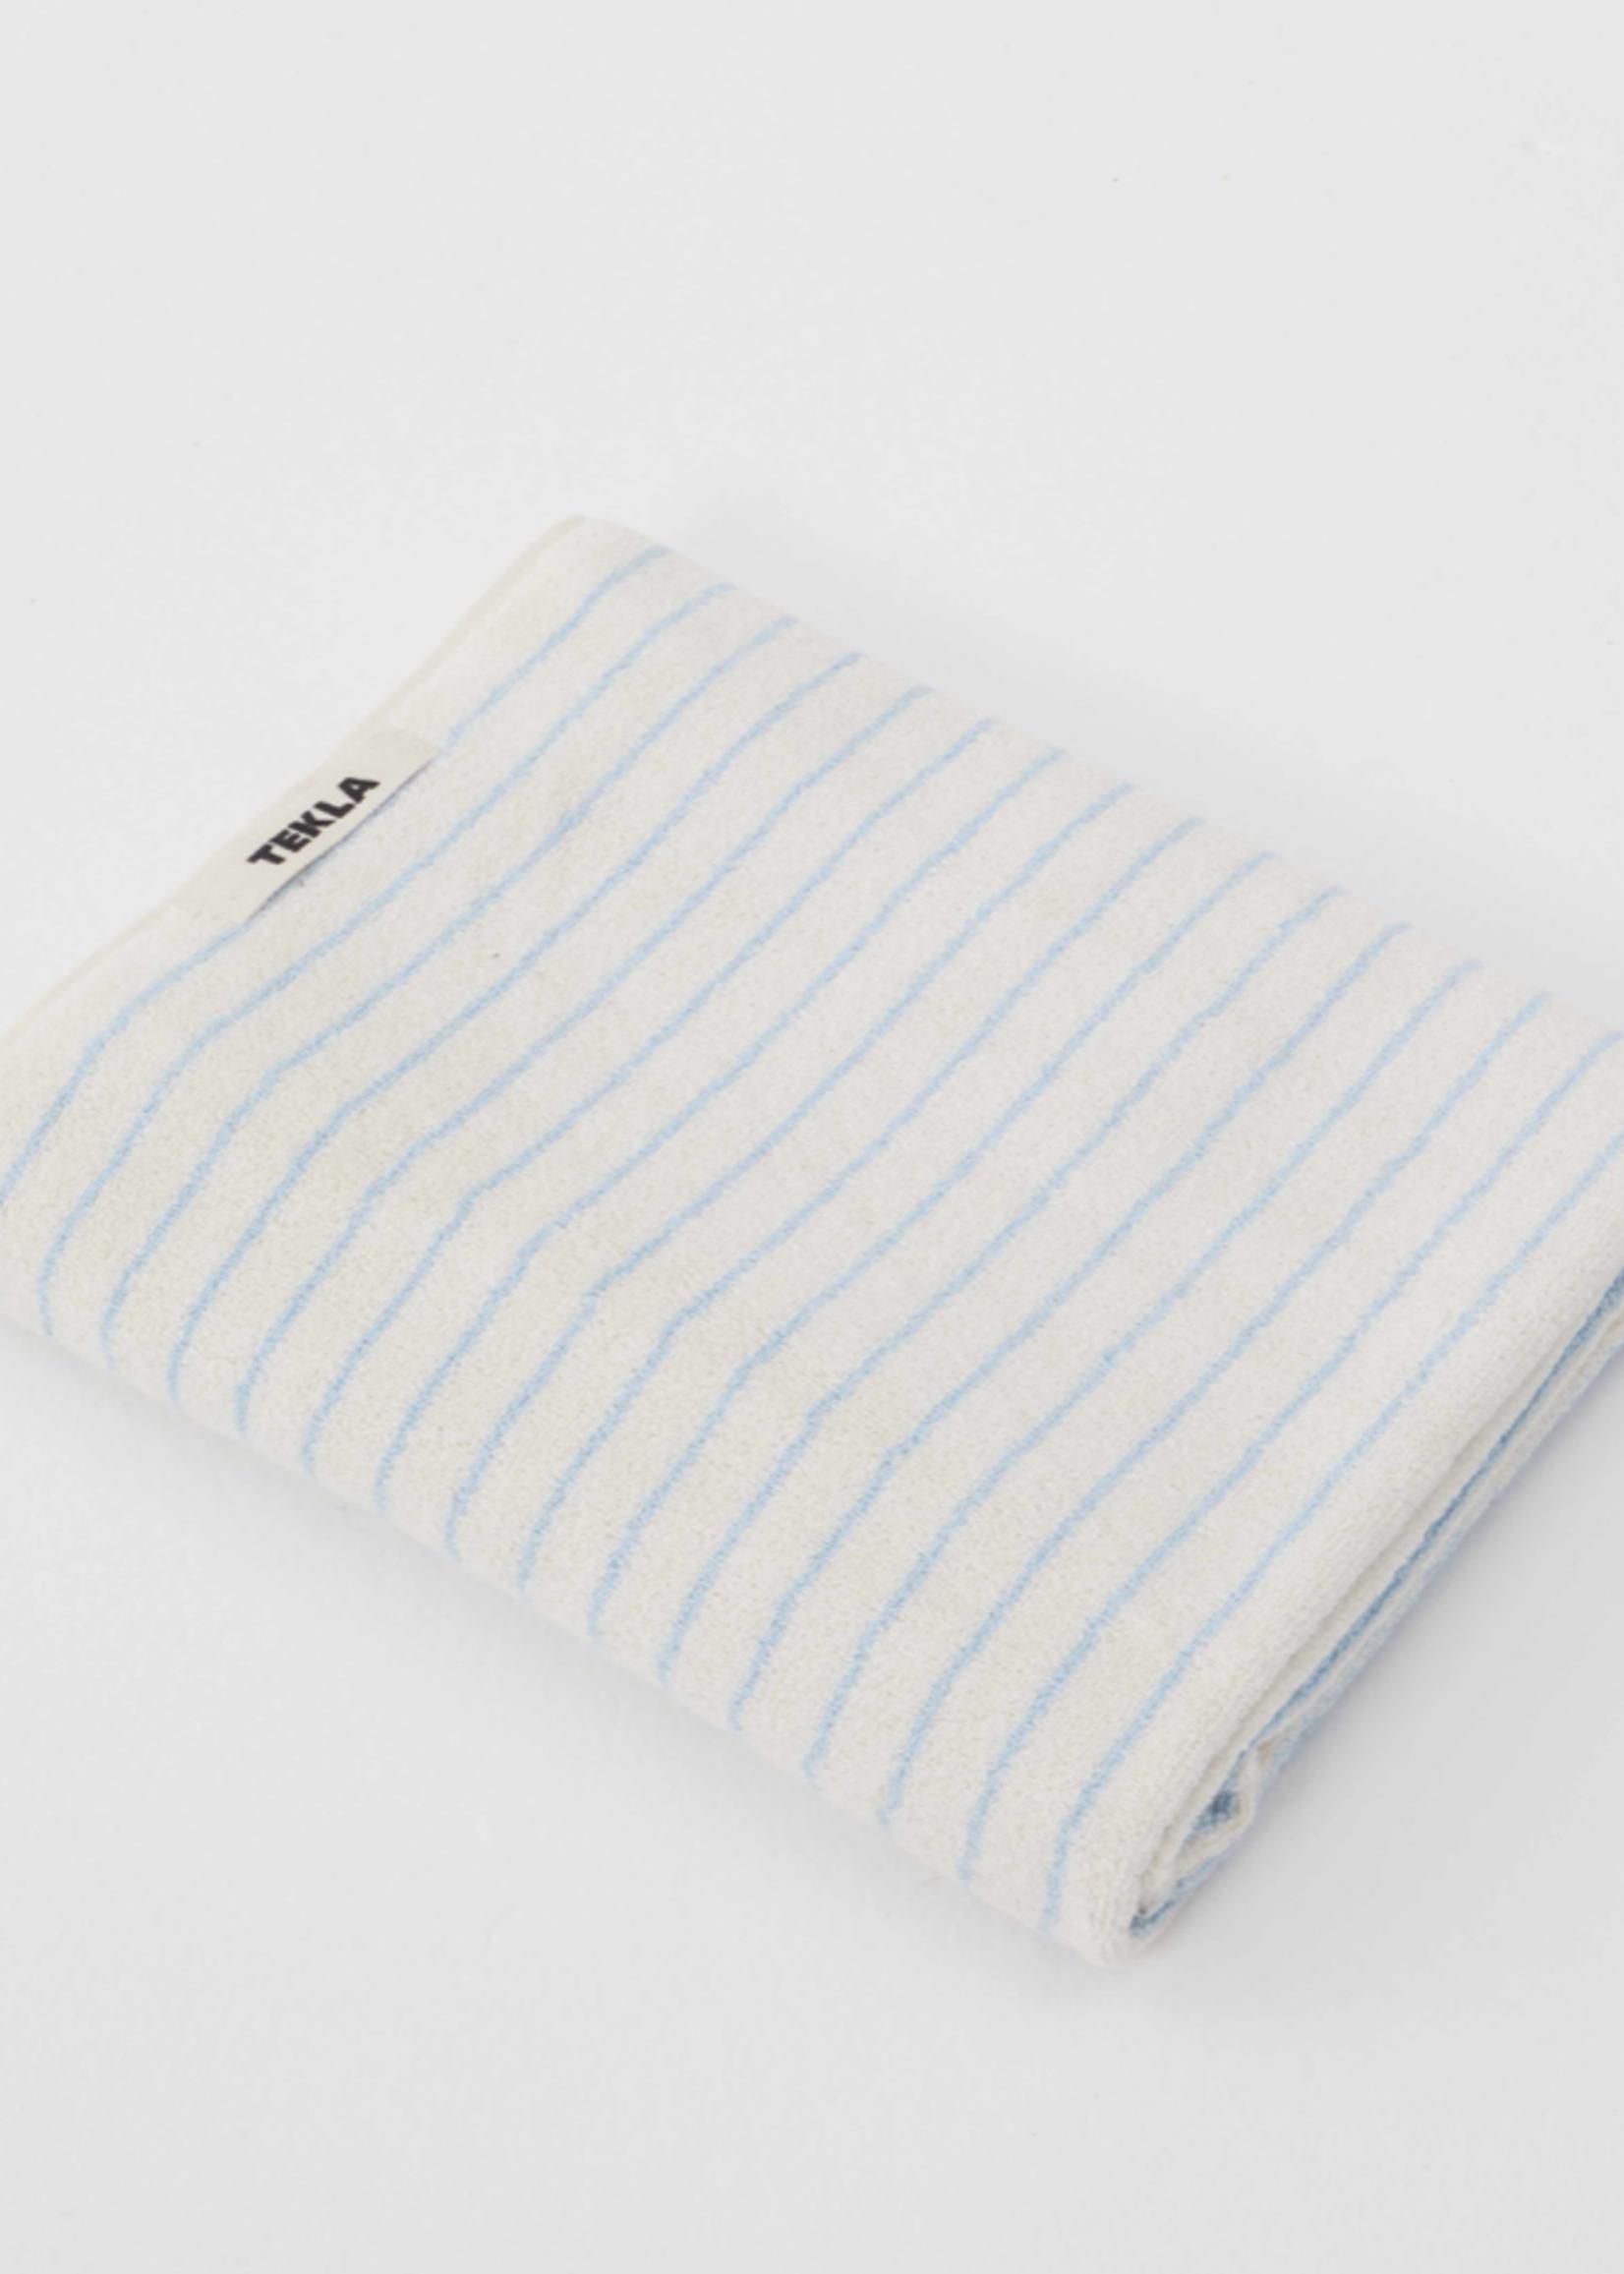 TEKLA TEKLA Organic Bath Towel in Baby Blue Stripe